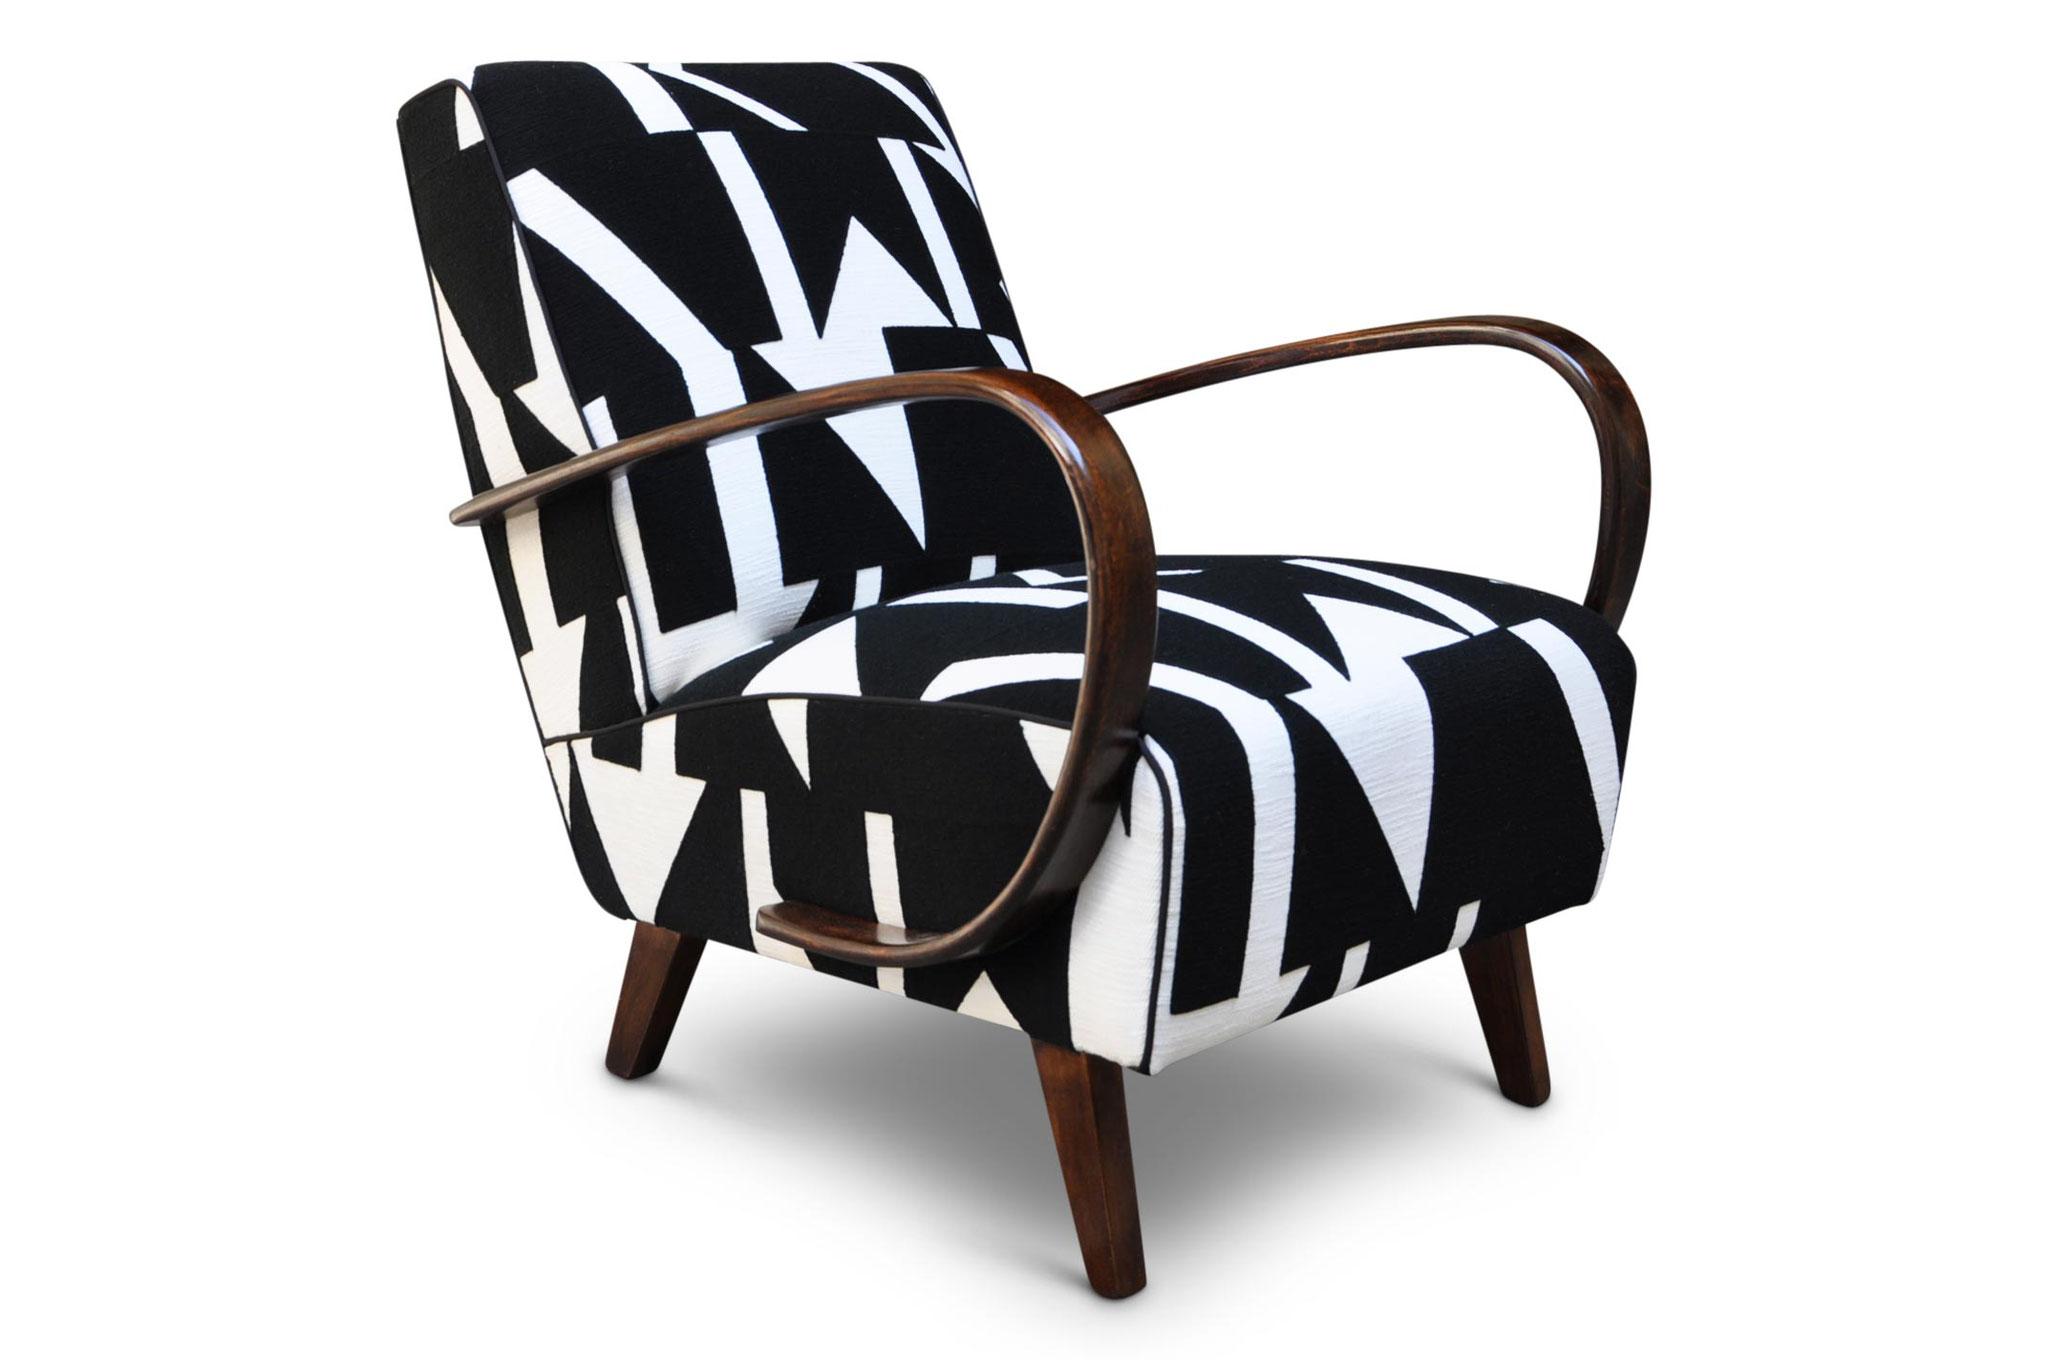 Poltrona Art Deco tappezzata in lino pesante ricamato geometrico